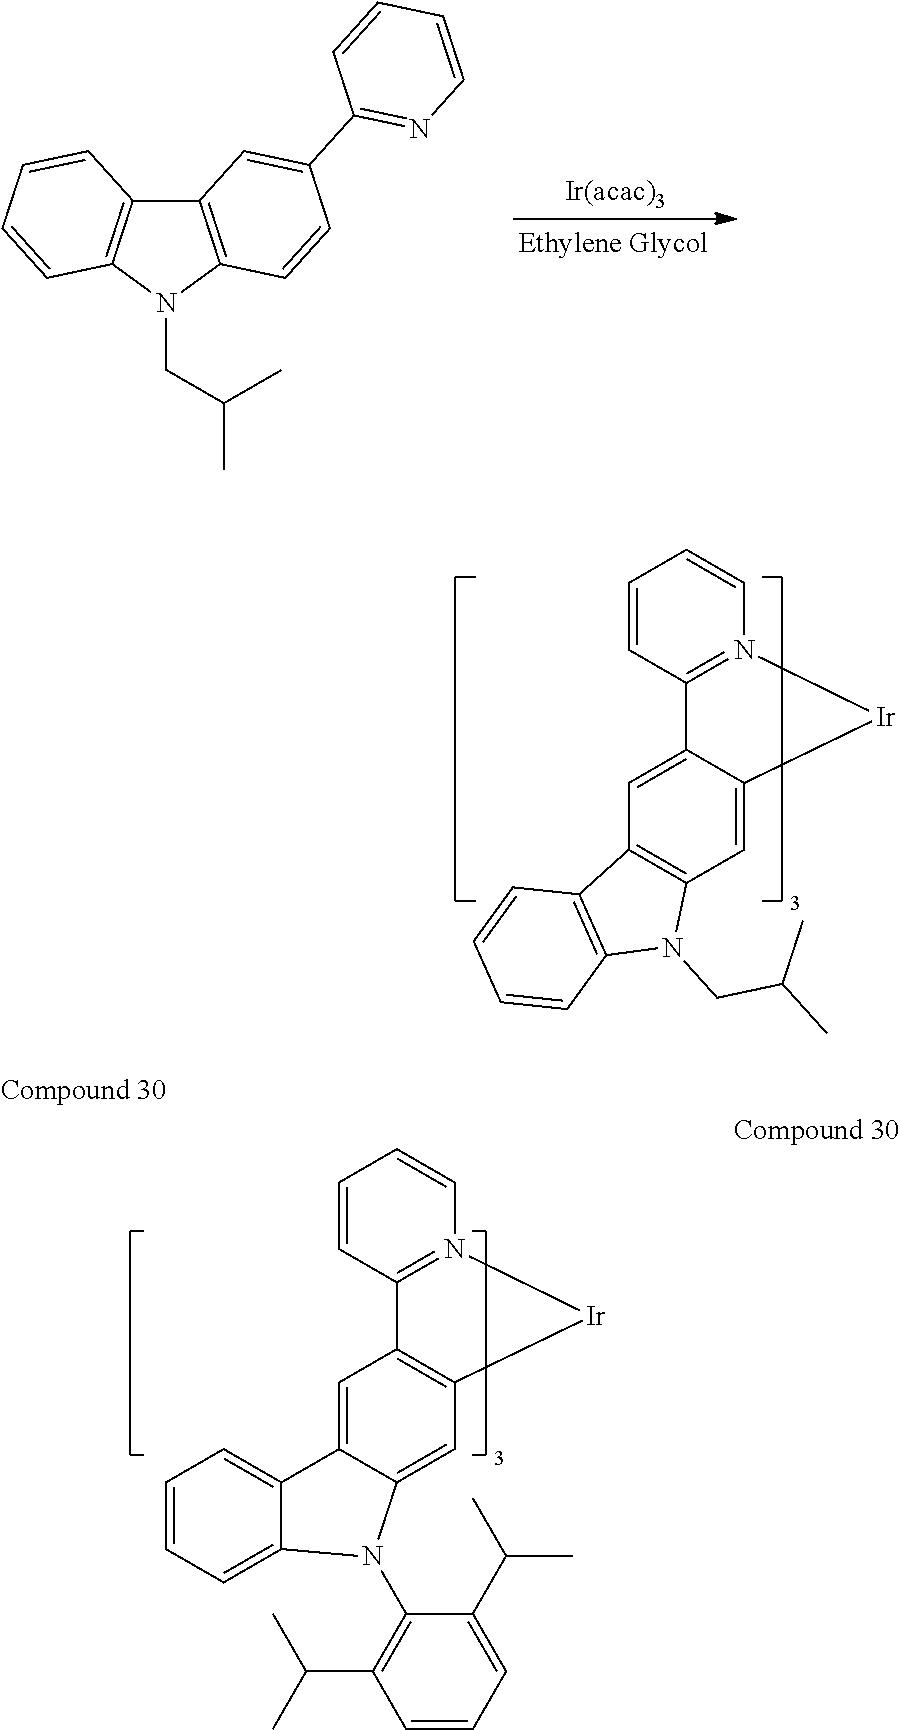 Figure US09899612-20180220-C00143